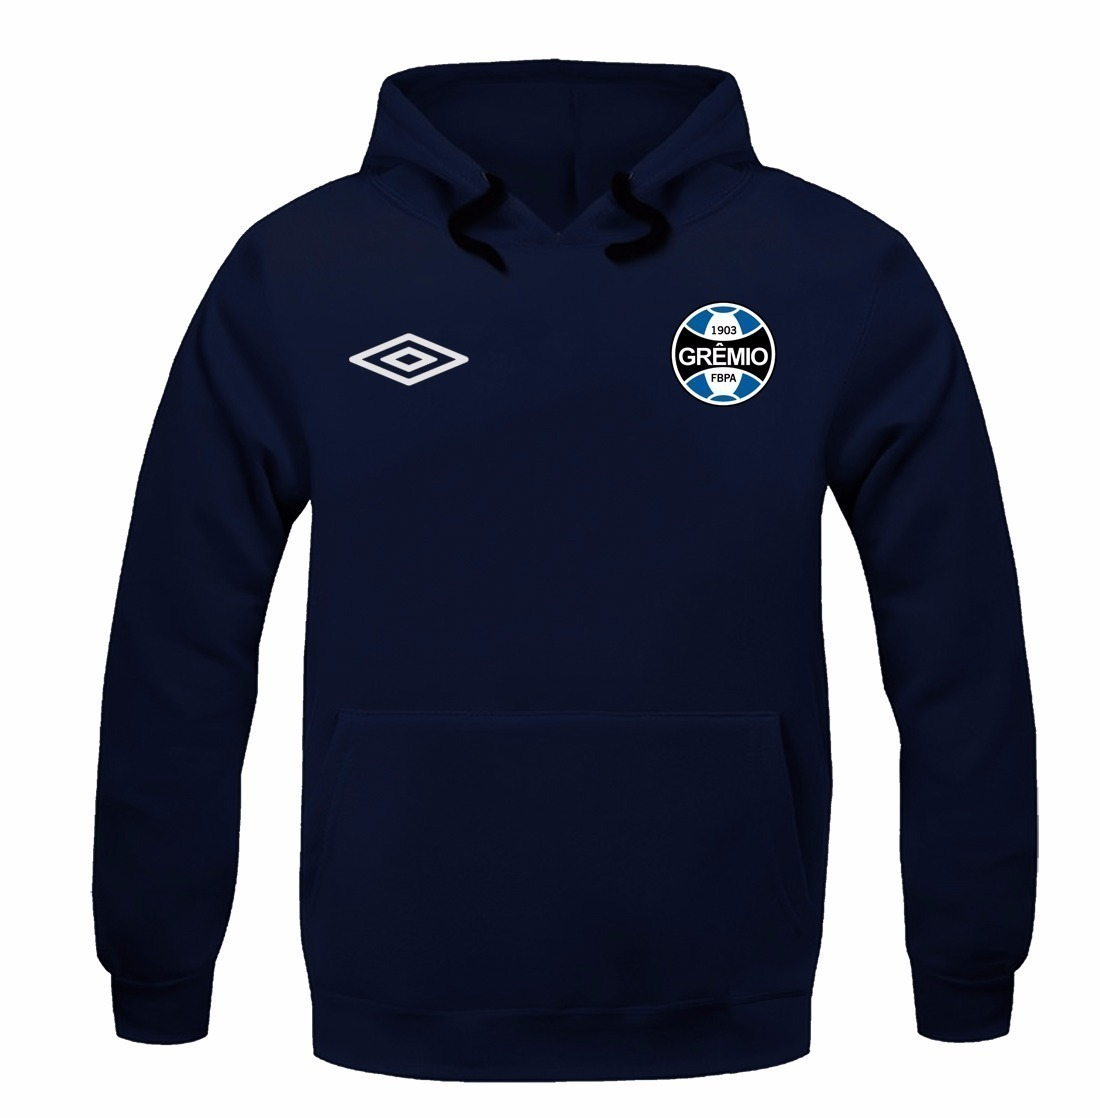 blusa moletom casaco de frio time grêmio futebol qualidade. Carregando zoom. 60161112519f8